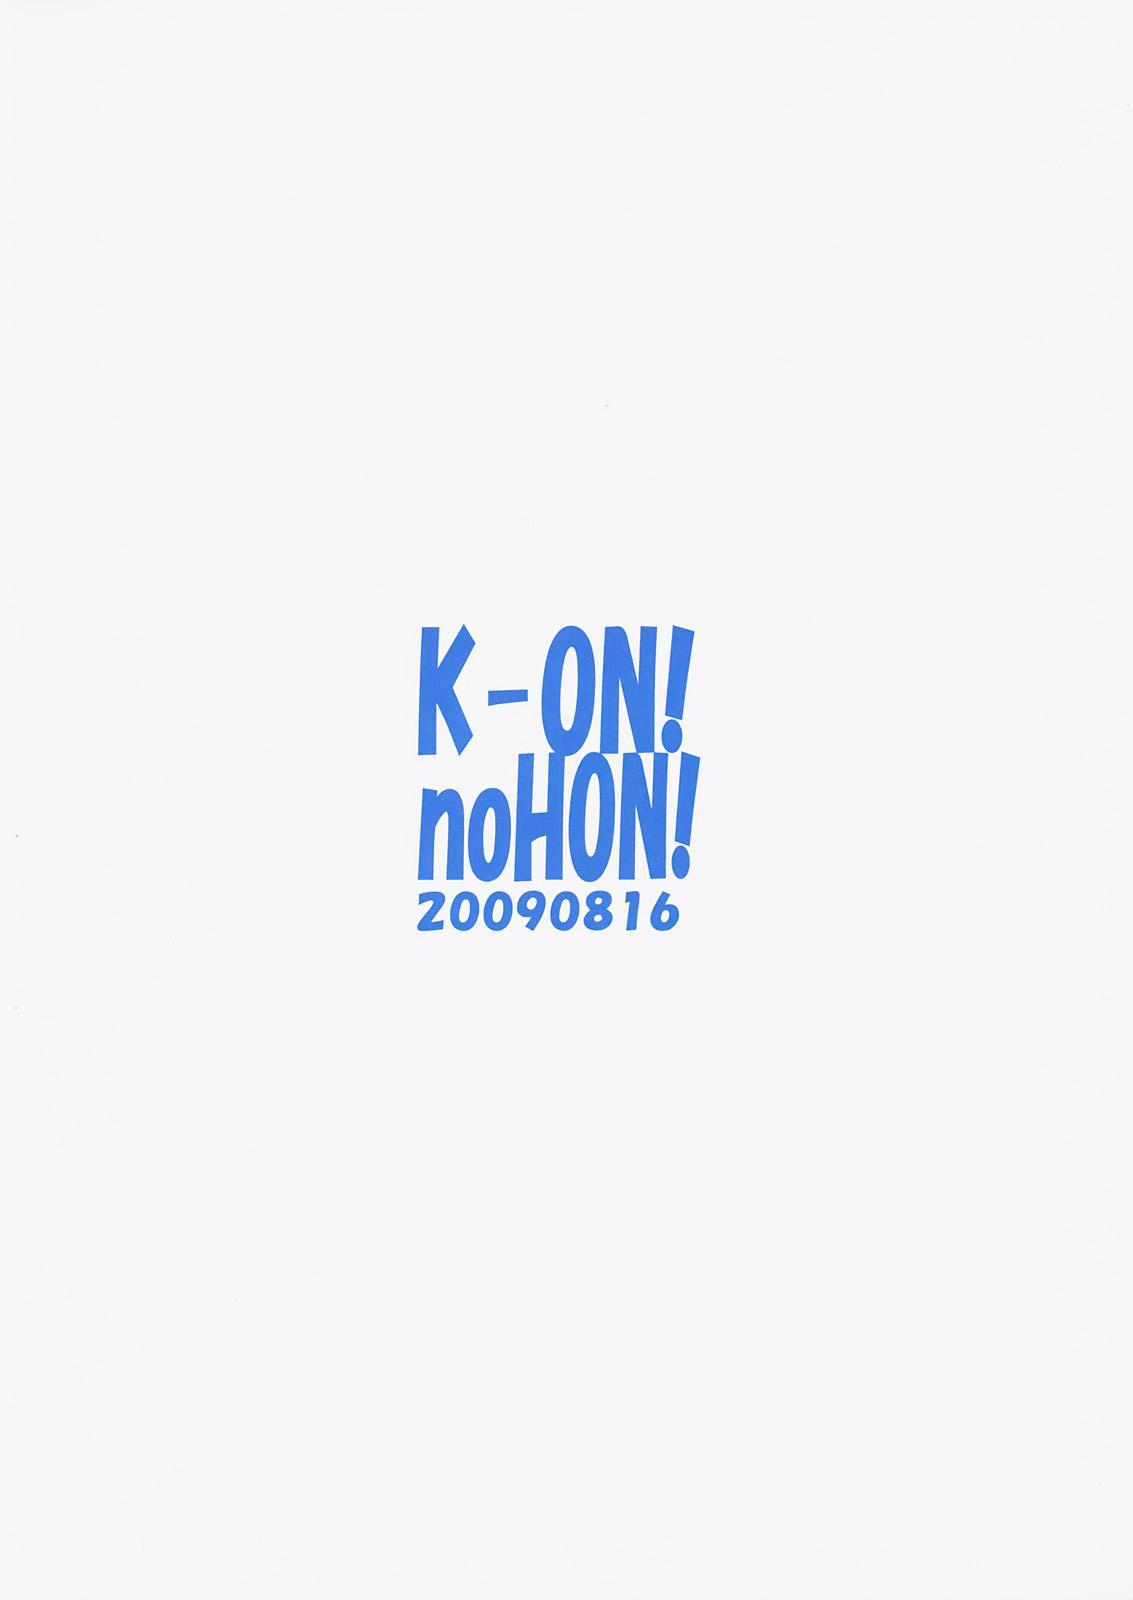 K-ON! noHON! 17